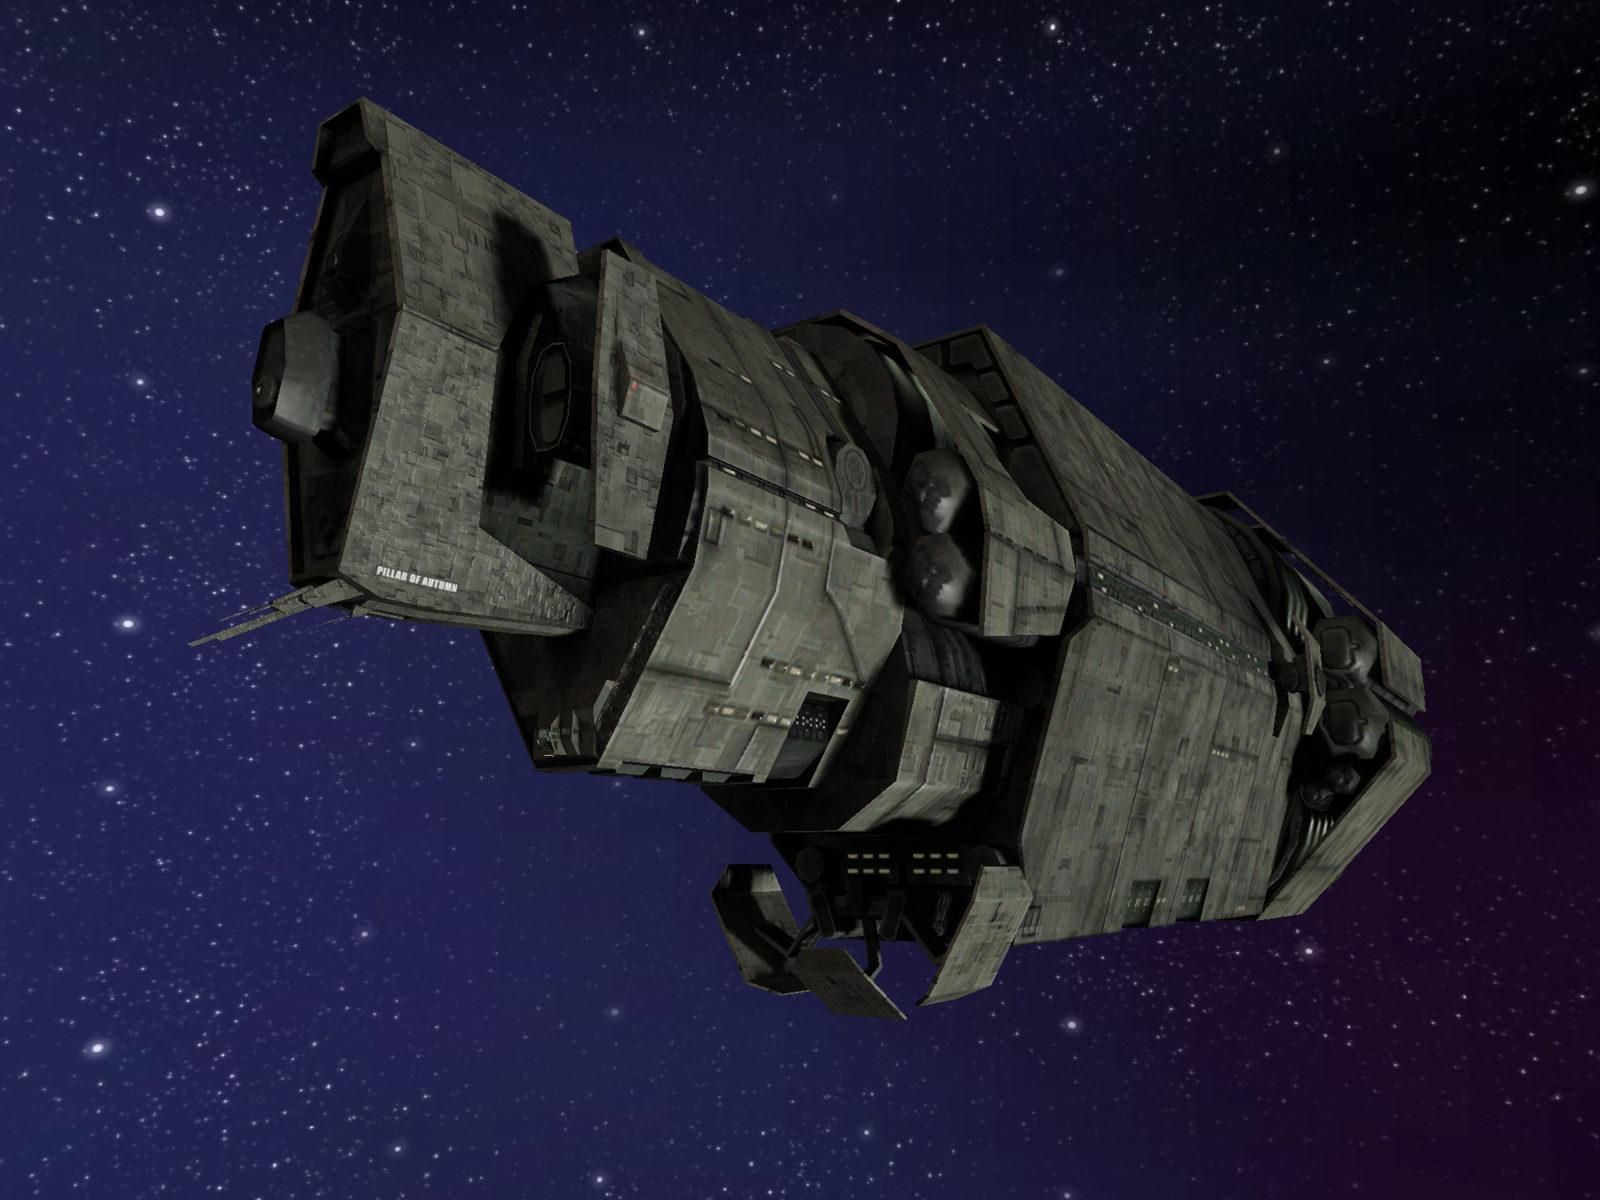 Taller de Encargos Oficial: Naves espaciales [Pide aquí tu nave espacial] - Página 2 PoA